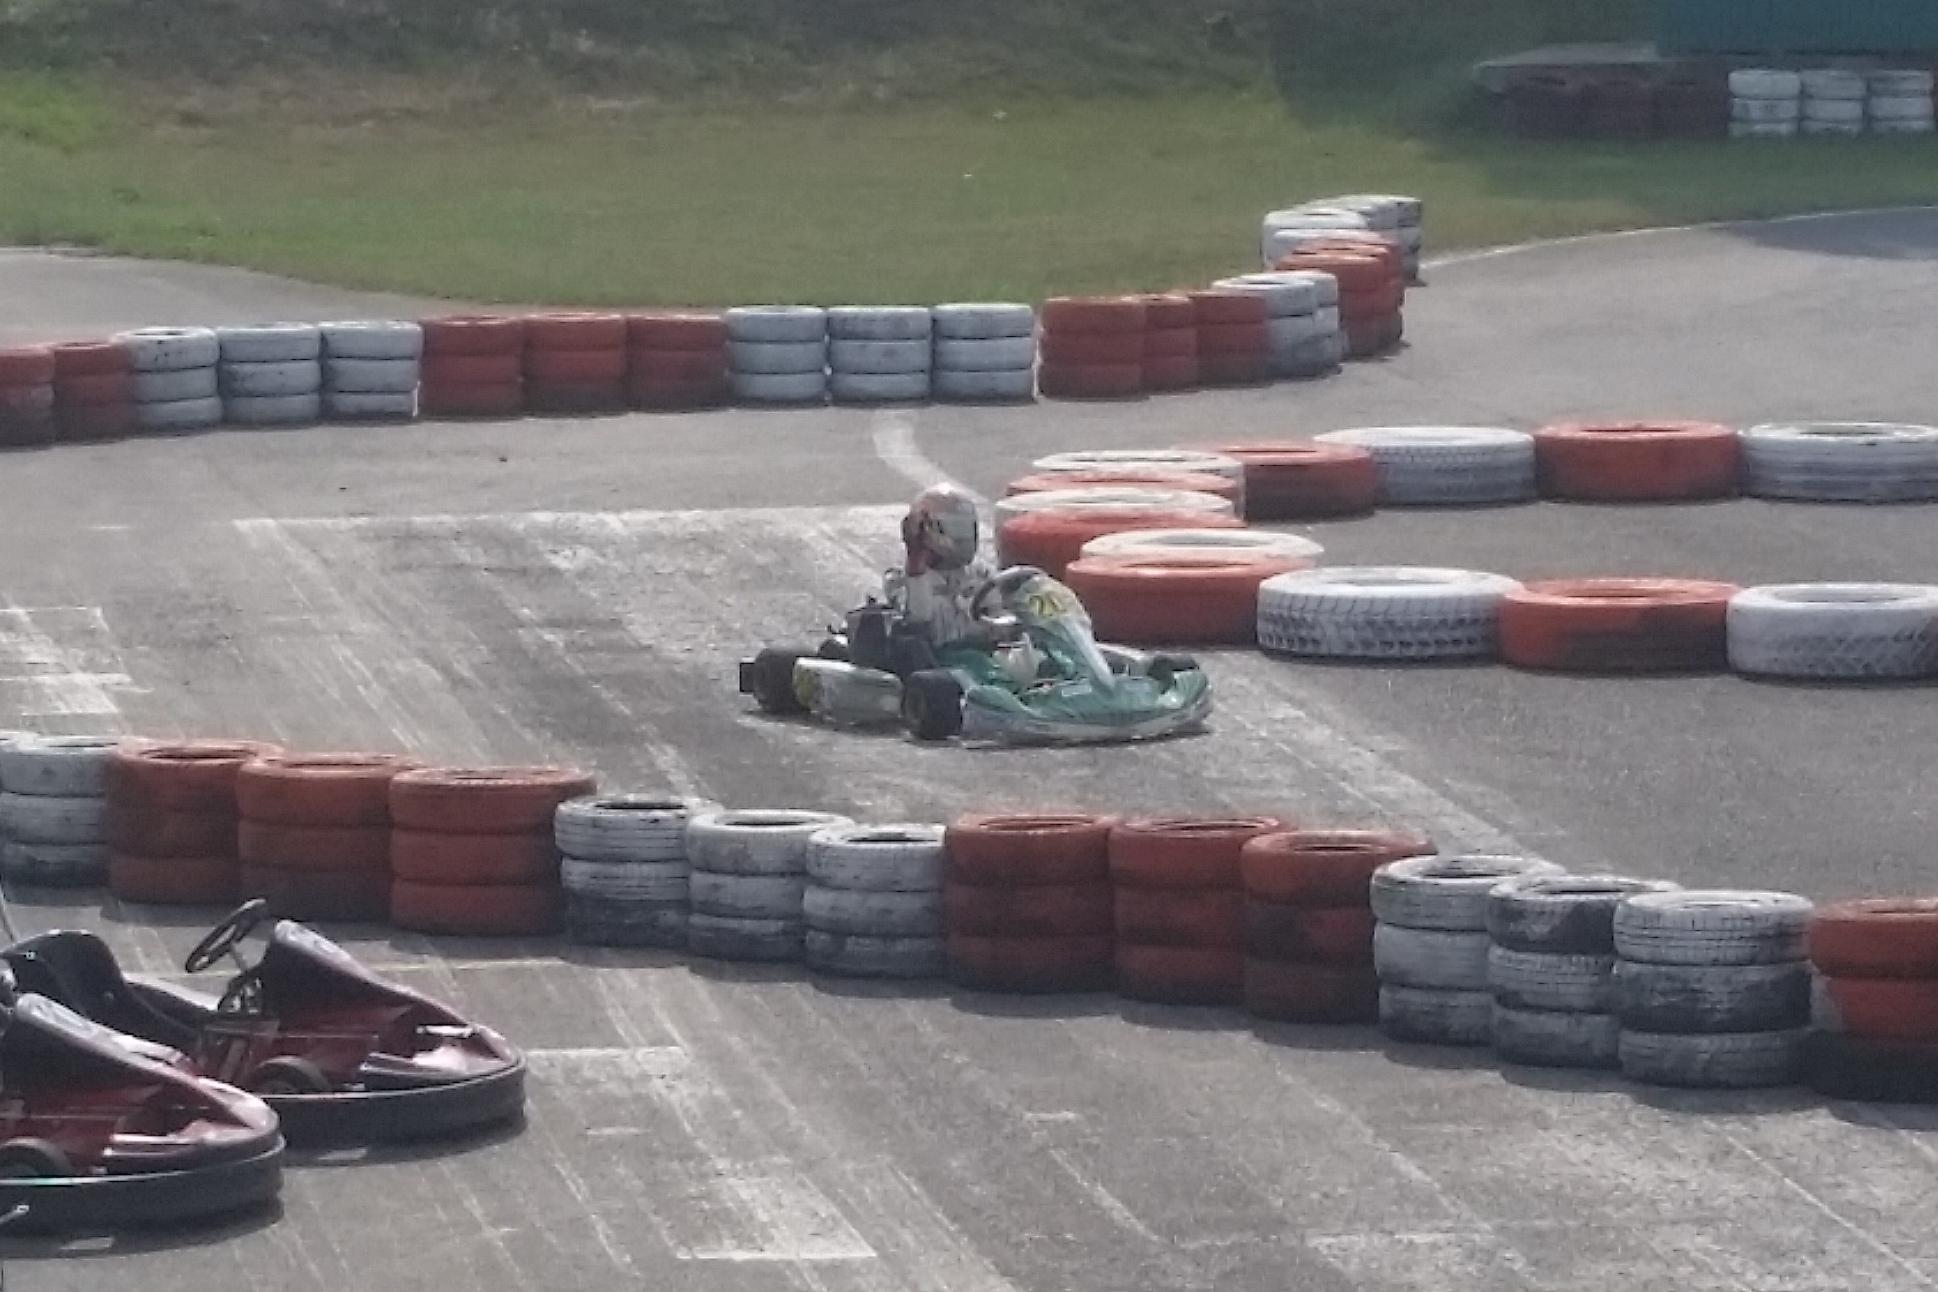 20150808 153017 - Piotr Wołynka zwycięzcą Proauto Karting Extreme